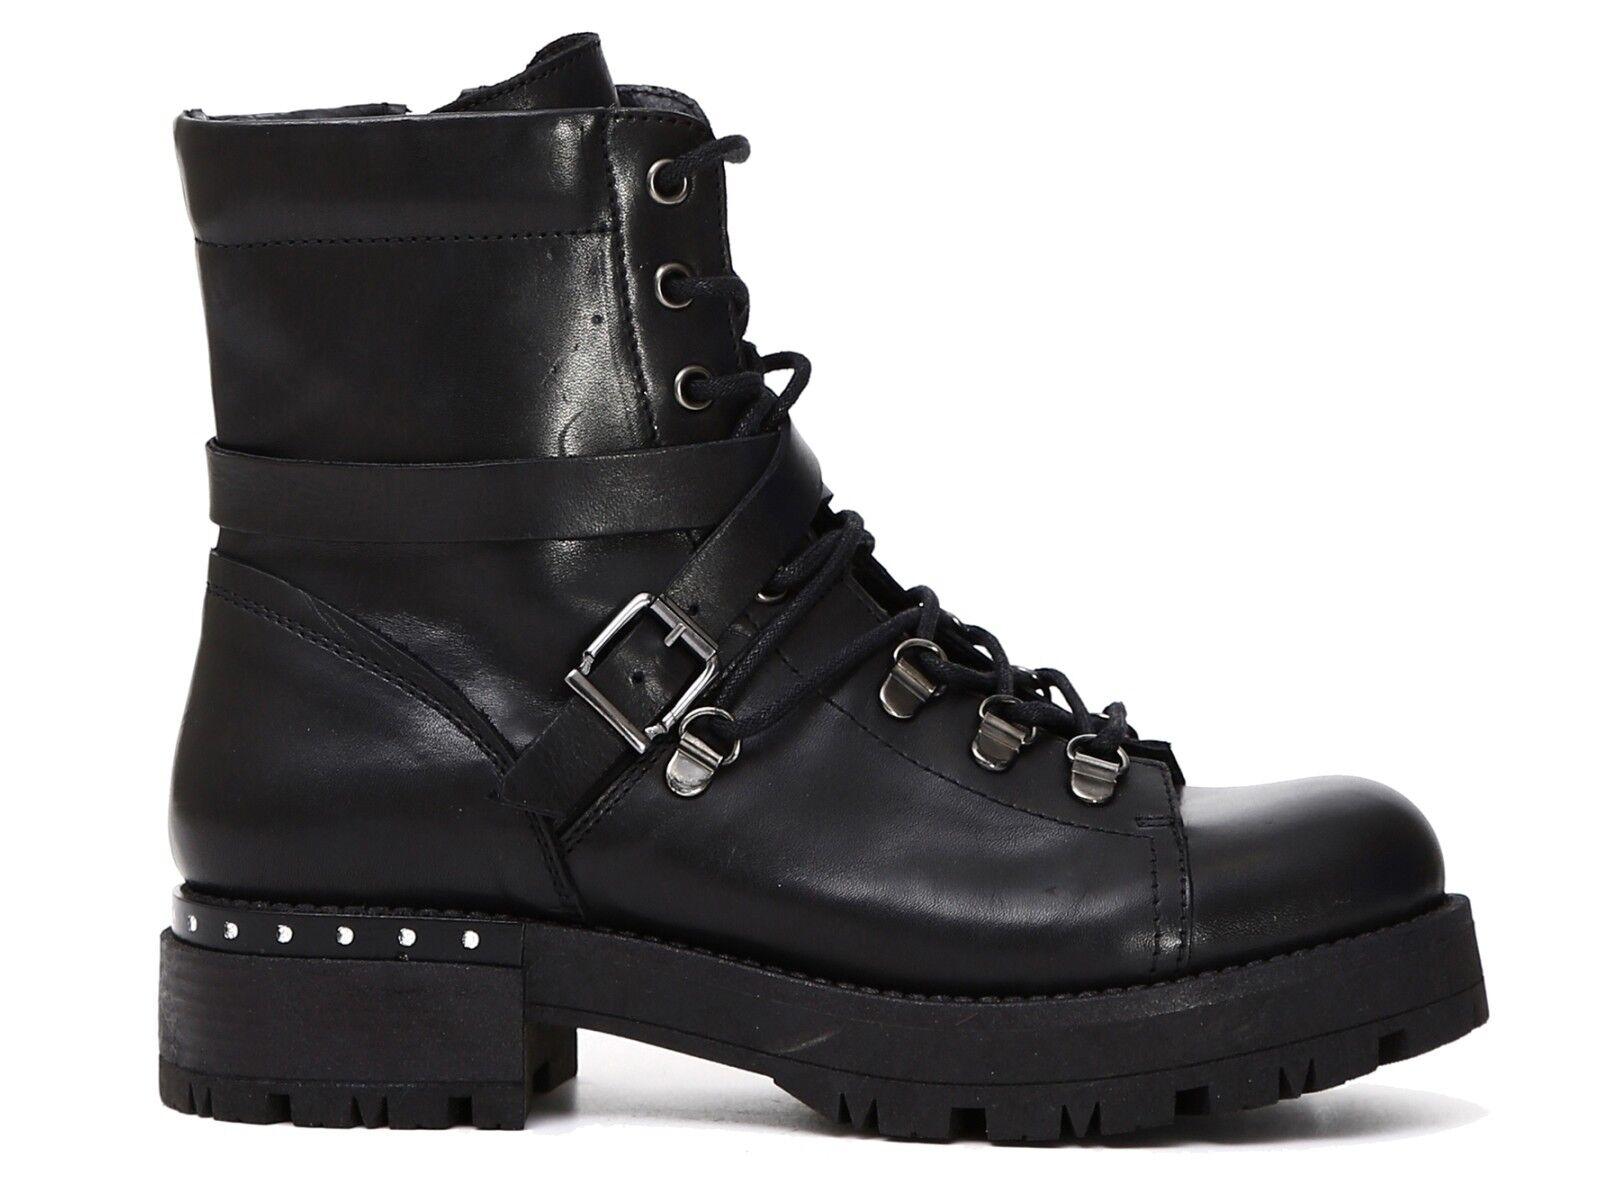 Grandes zapatos con descuento ANFIBI DONNA CAFENOIR INVERNO FC122 010  TRONCHETTI NERO